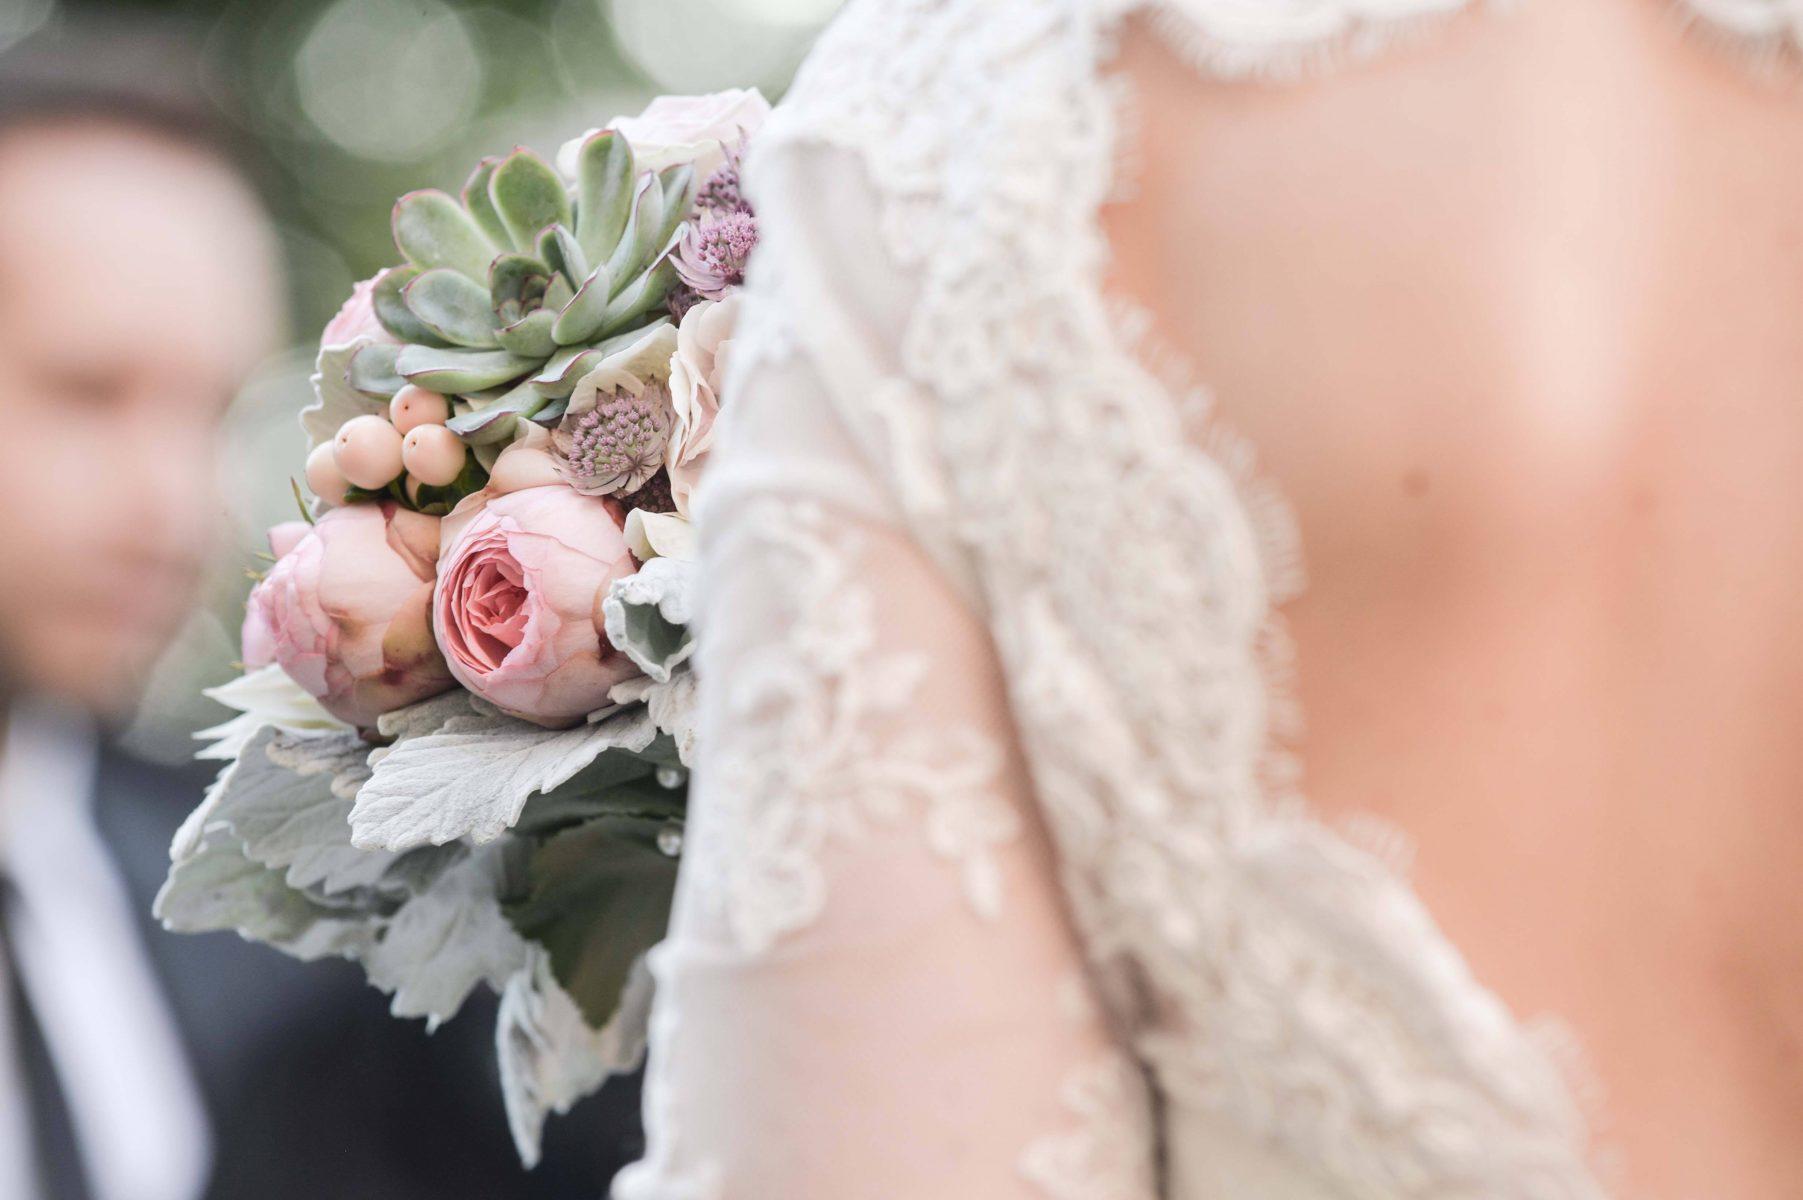 Hochzeit Gratulation B2000 5322 1803x1200 - DETAILS